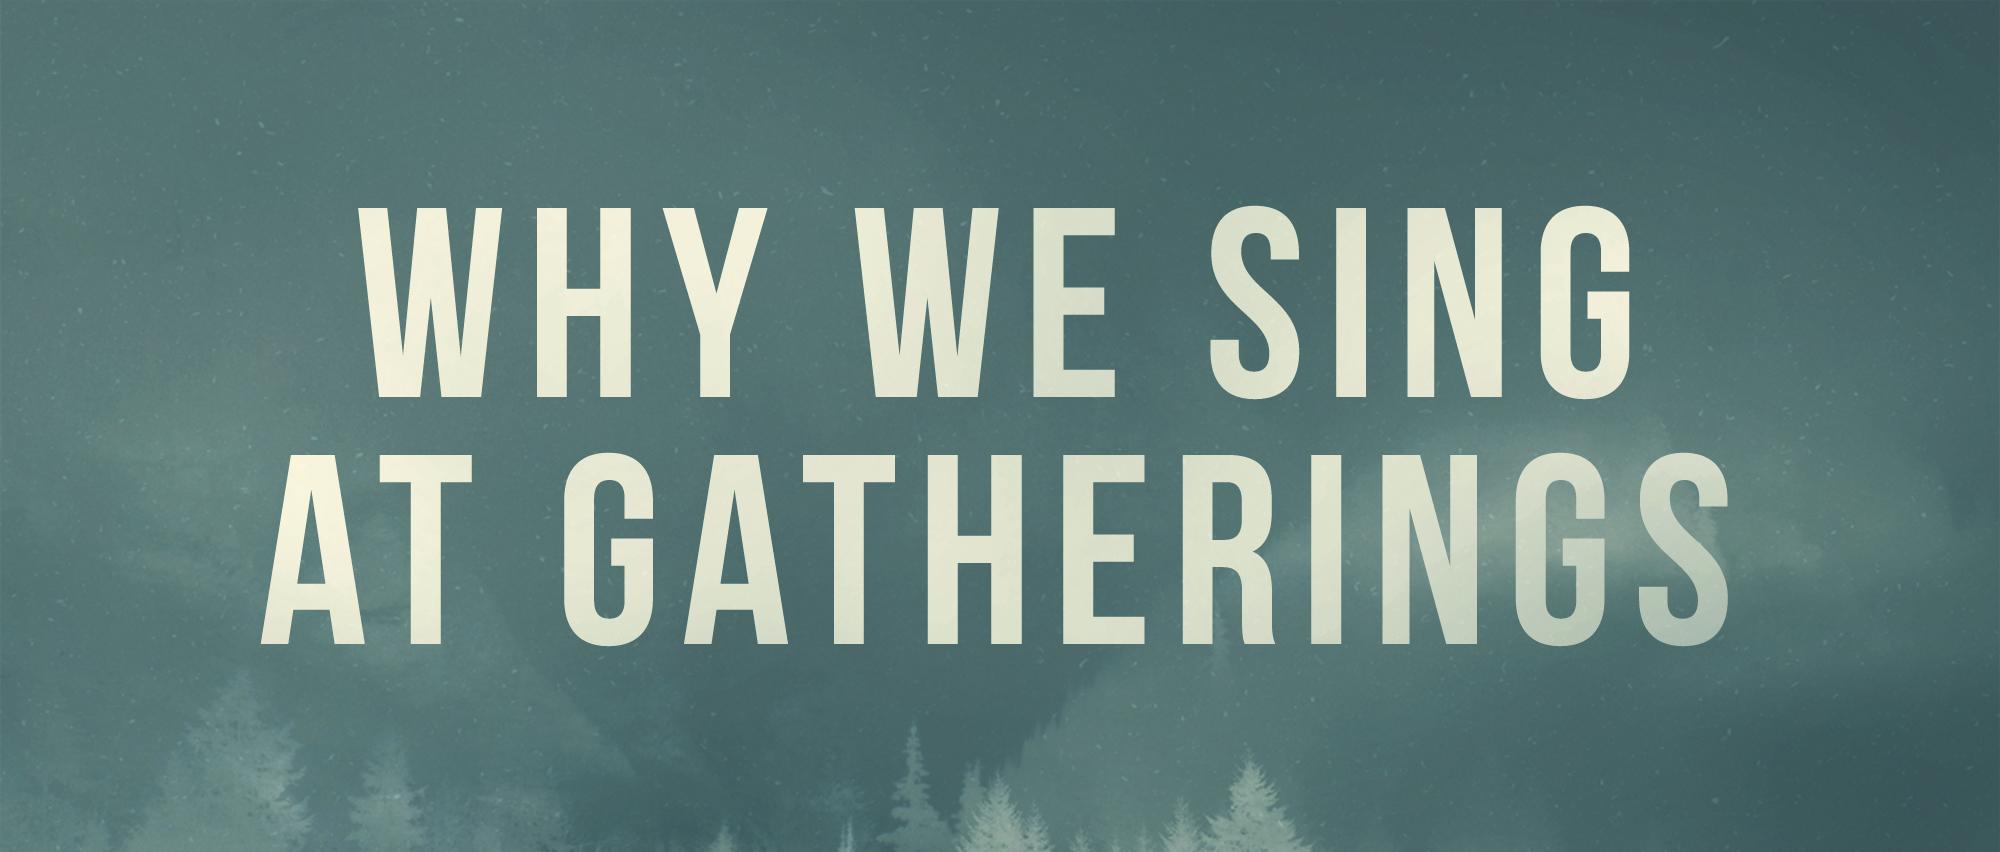 Why we sing at Gatherings.jpg